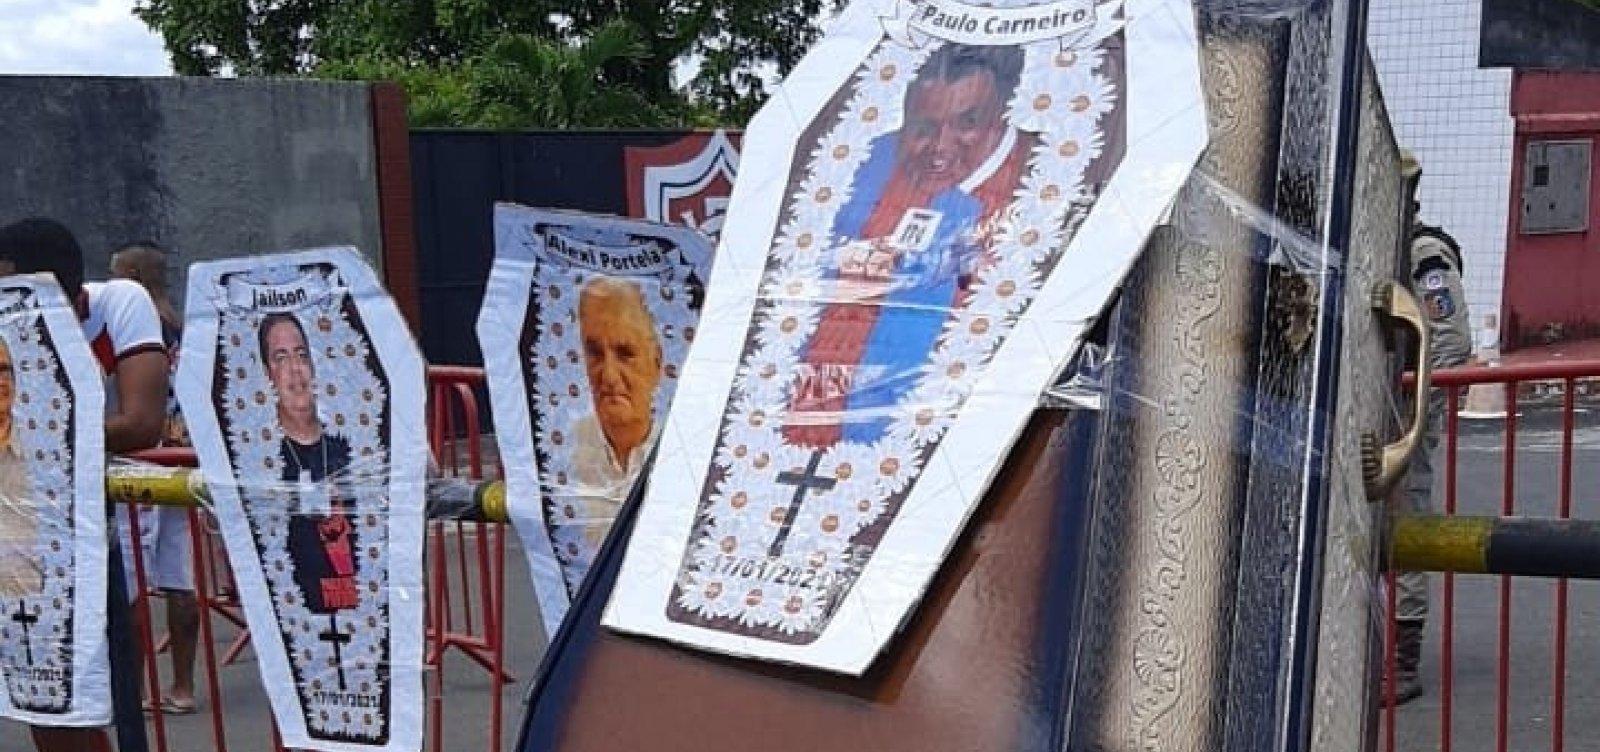 [Torcida do Vitória protesta no Barradão e promove 'enterro simbólico' de Paulo Carneiro; vídeo]